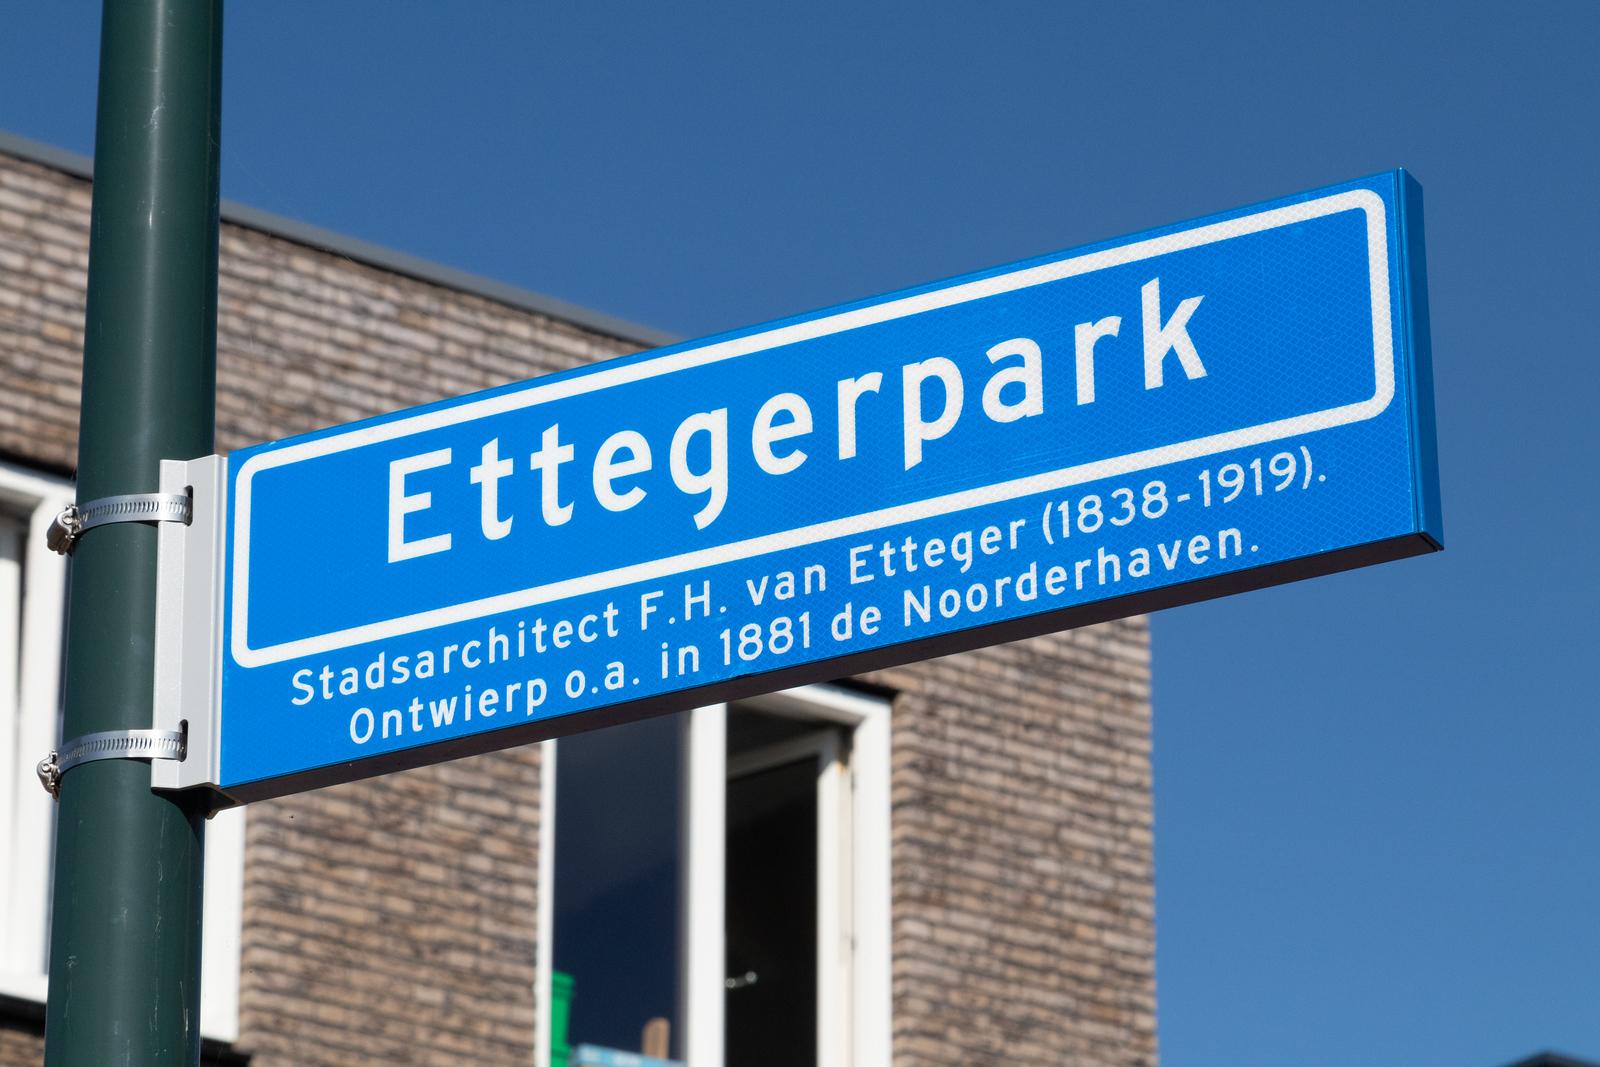 Ettegerpark Noorderhaven